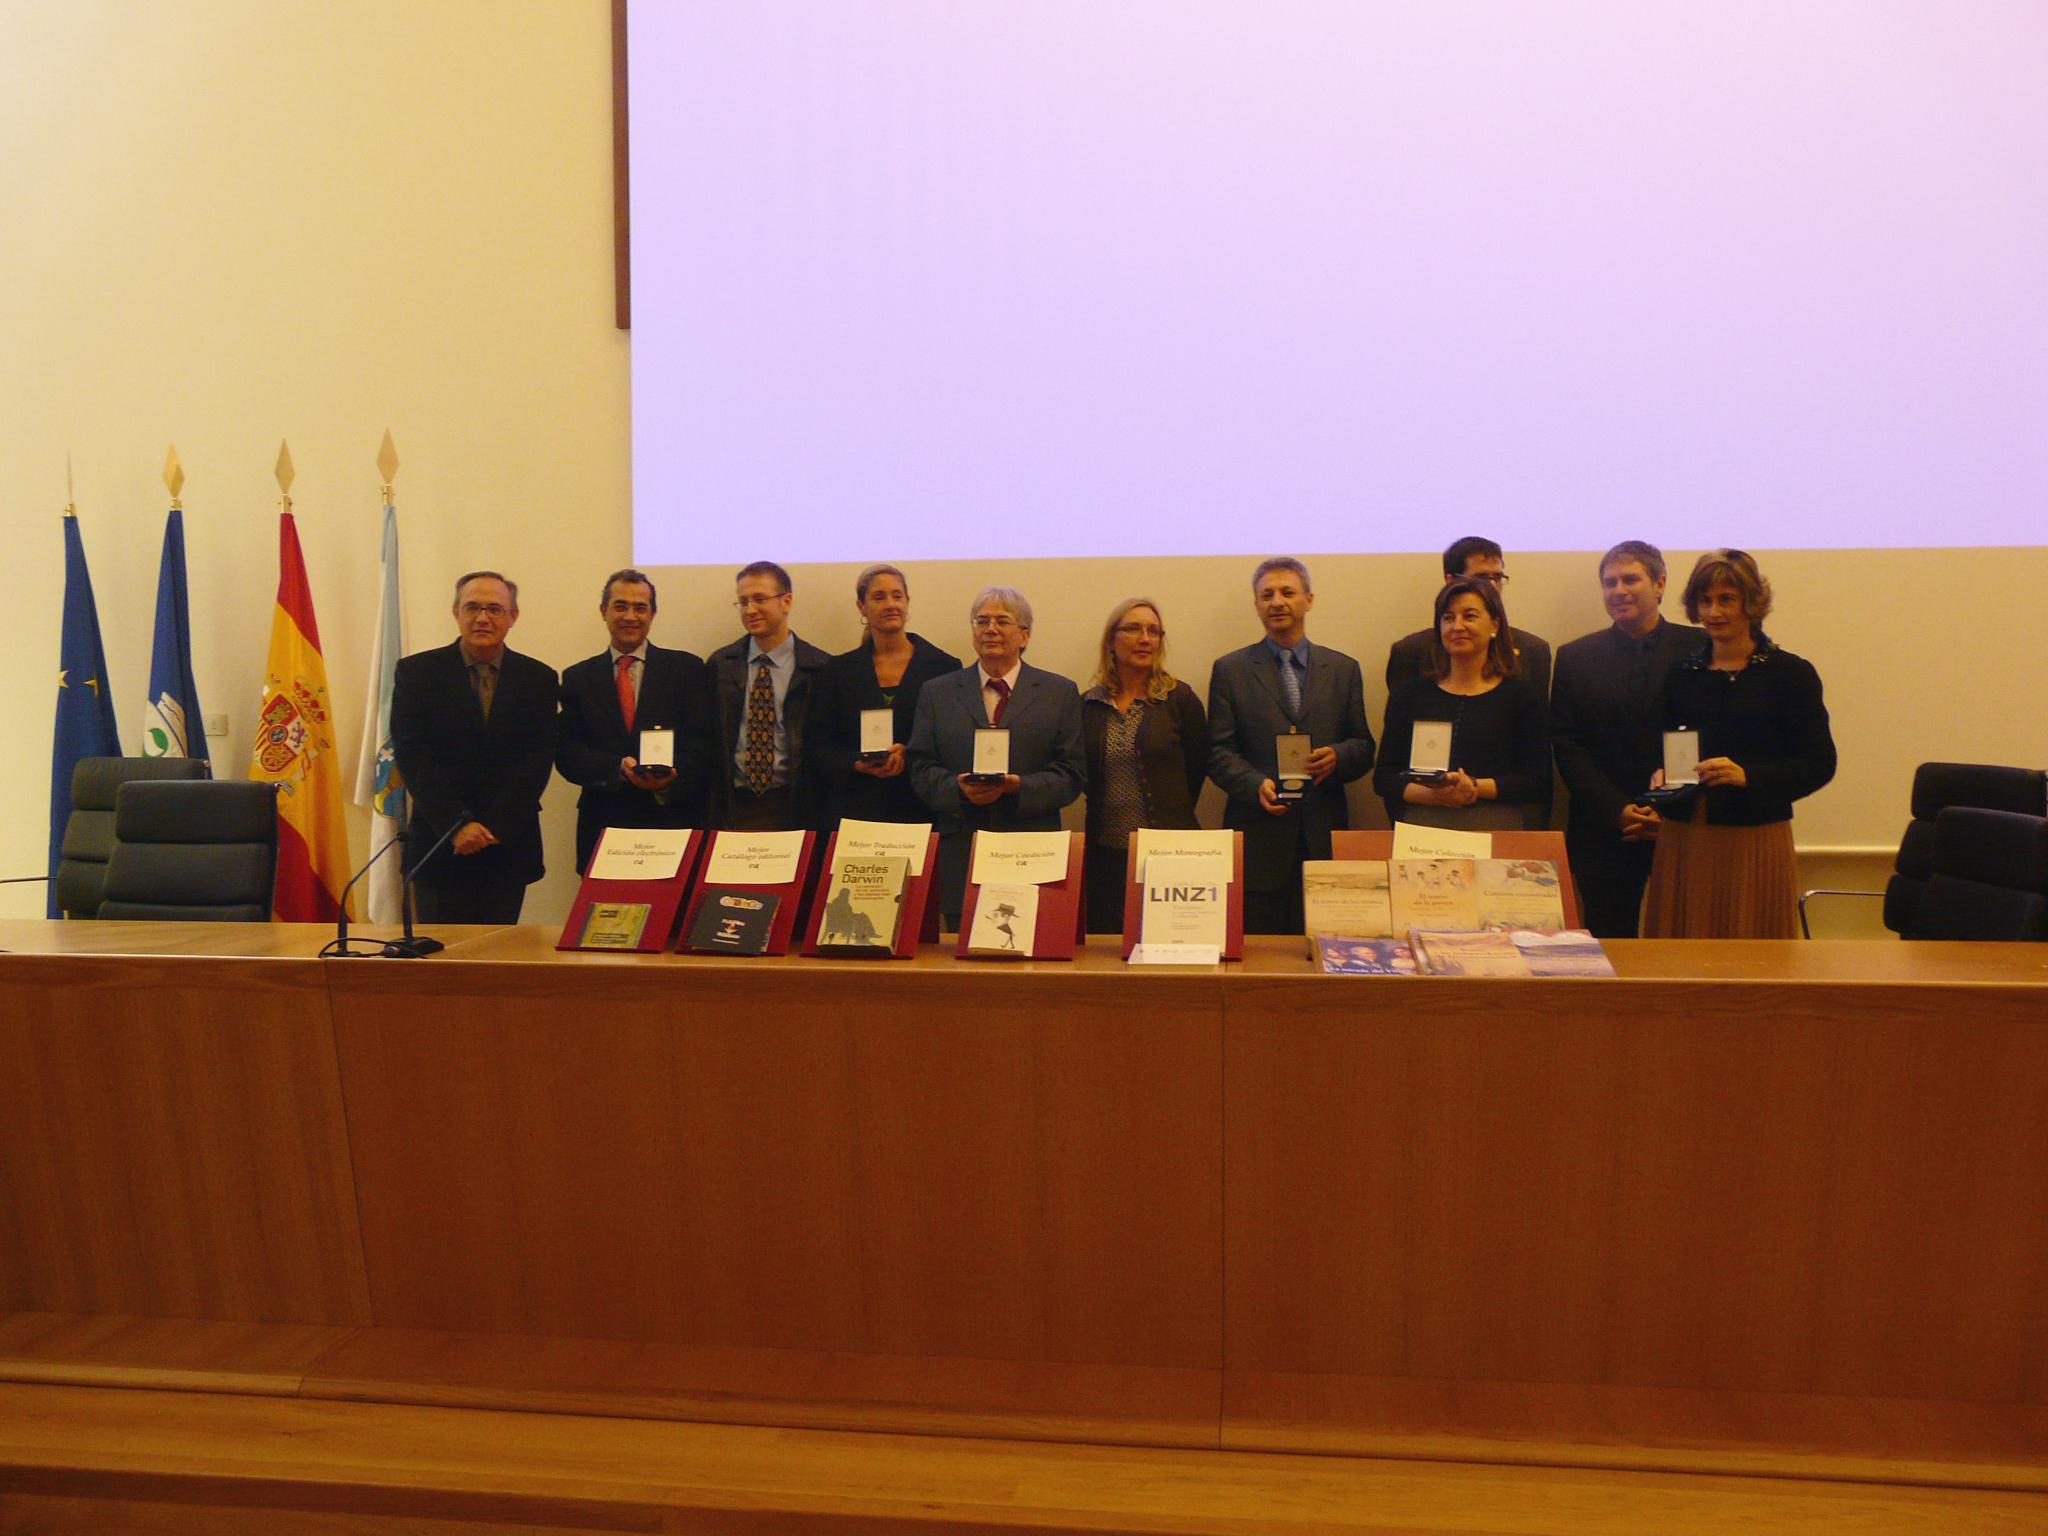 Foto amb tots els premiats